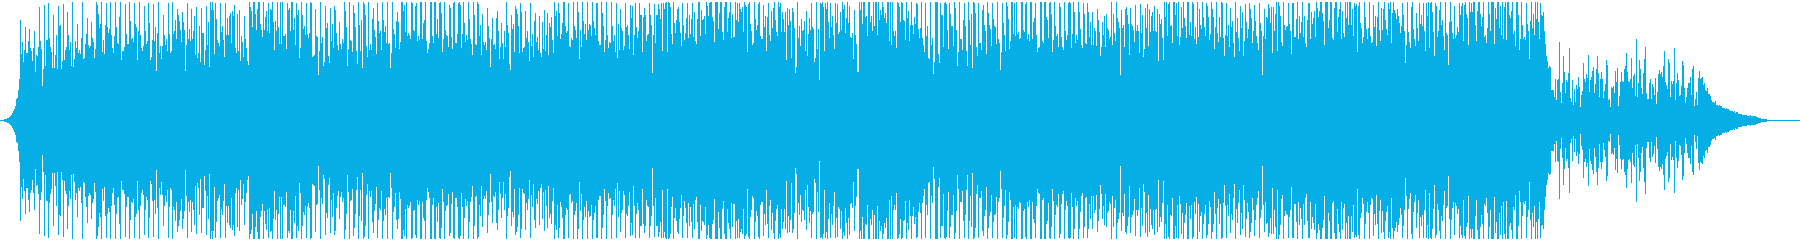 ピアノでリズミカルの再生済みの波形